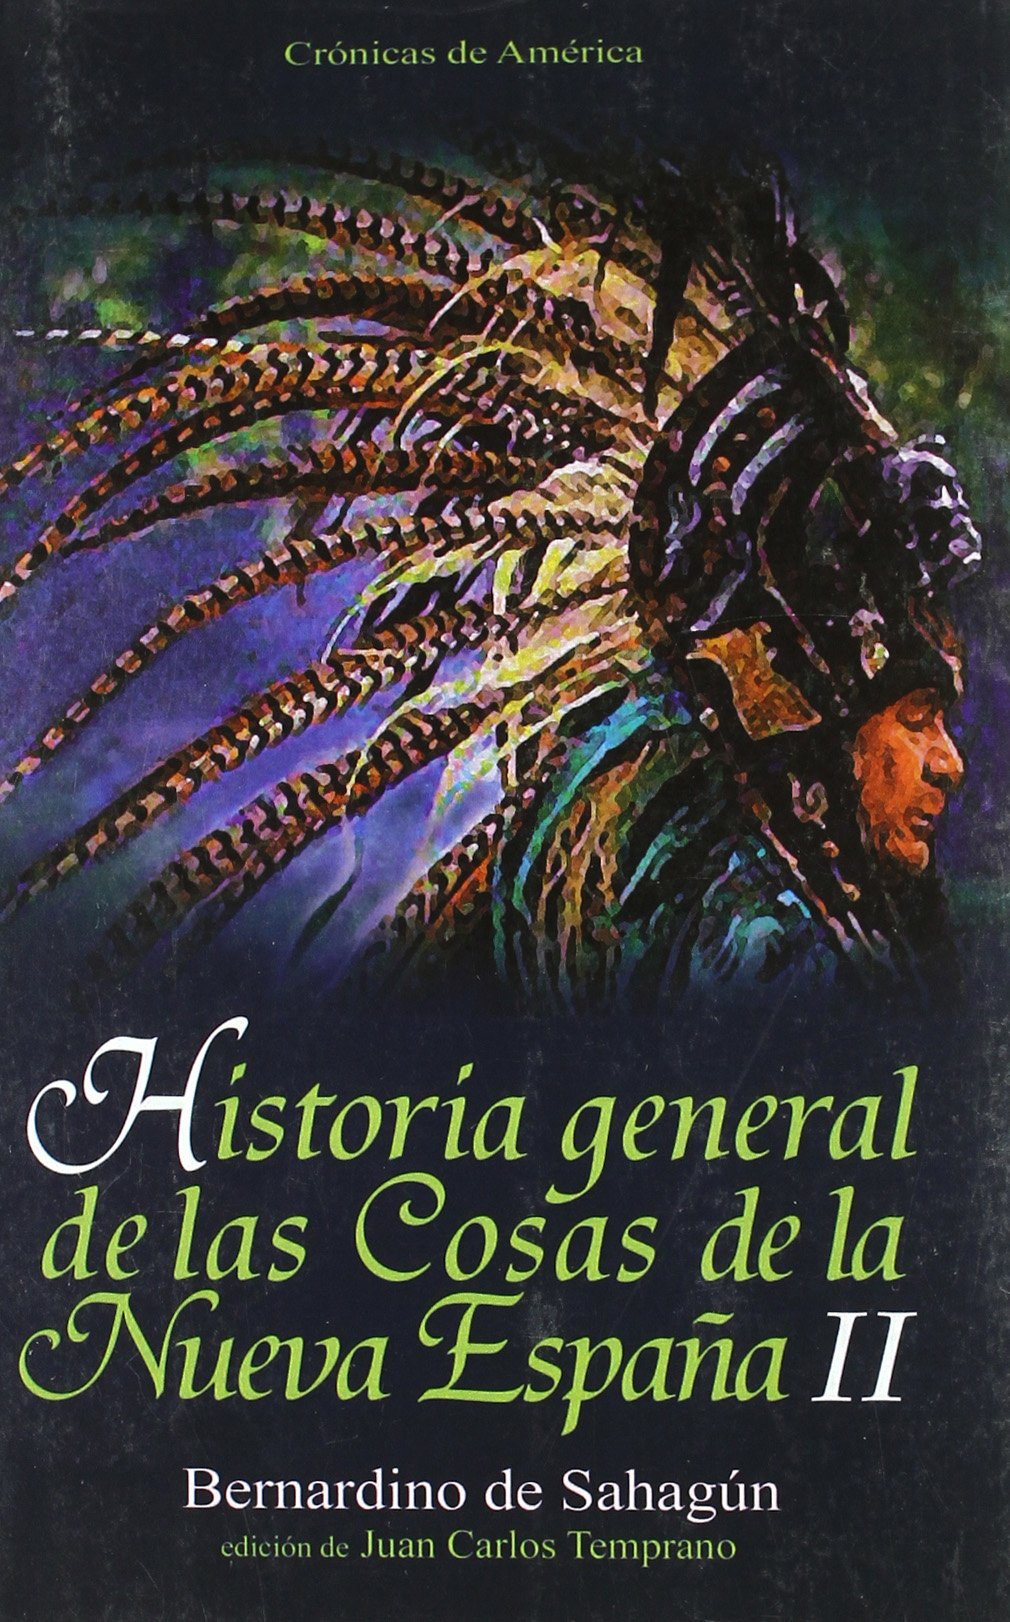 Historia general de las cosas de la Nueva España II: Amazon.es: Bernardino de Sahagún: Libros